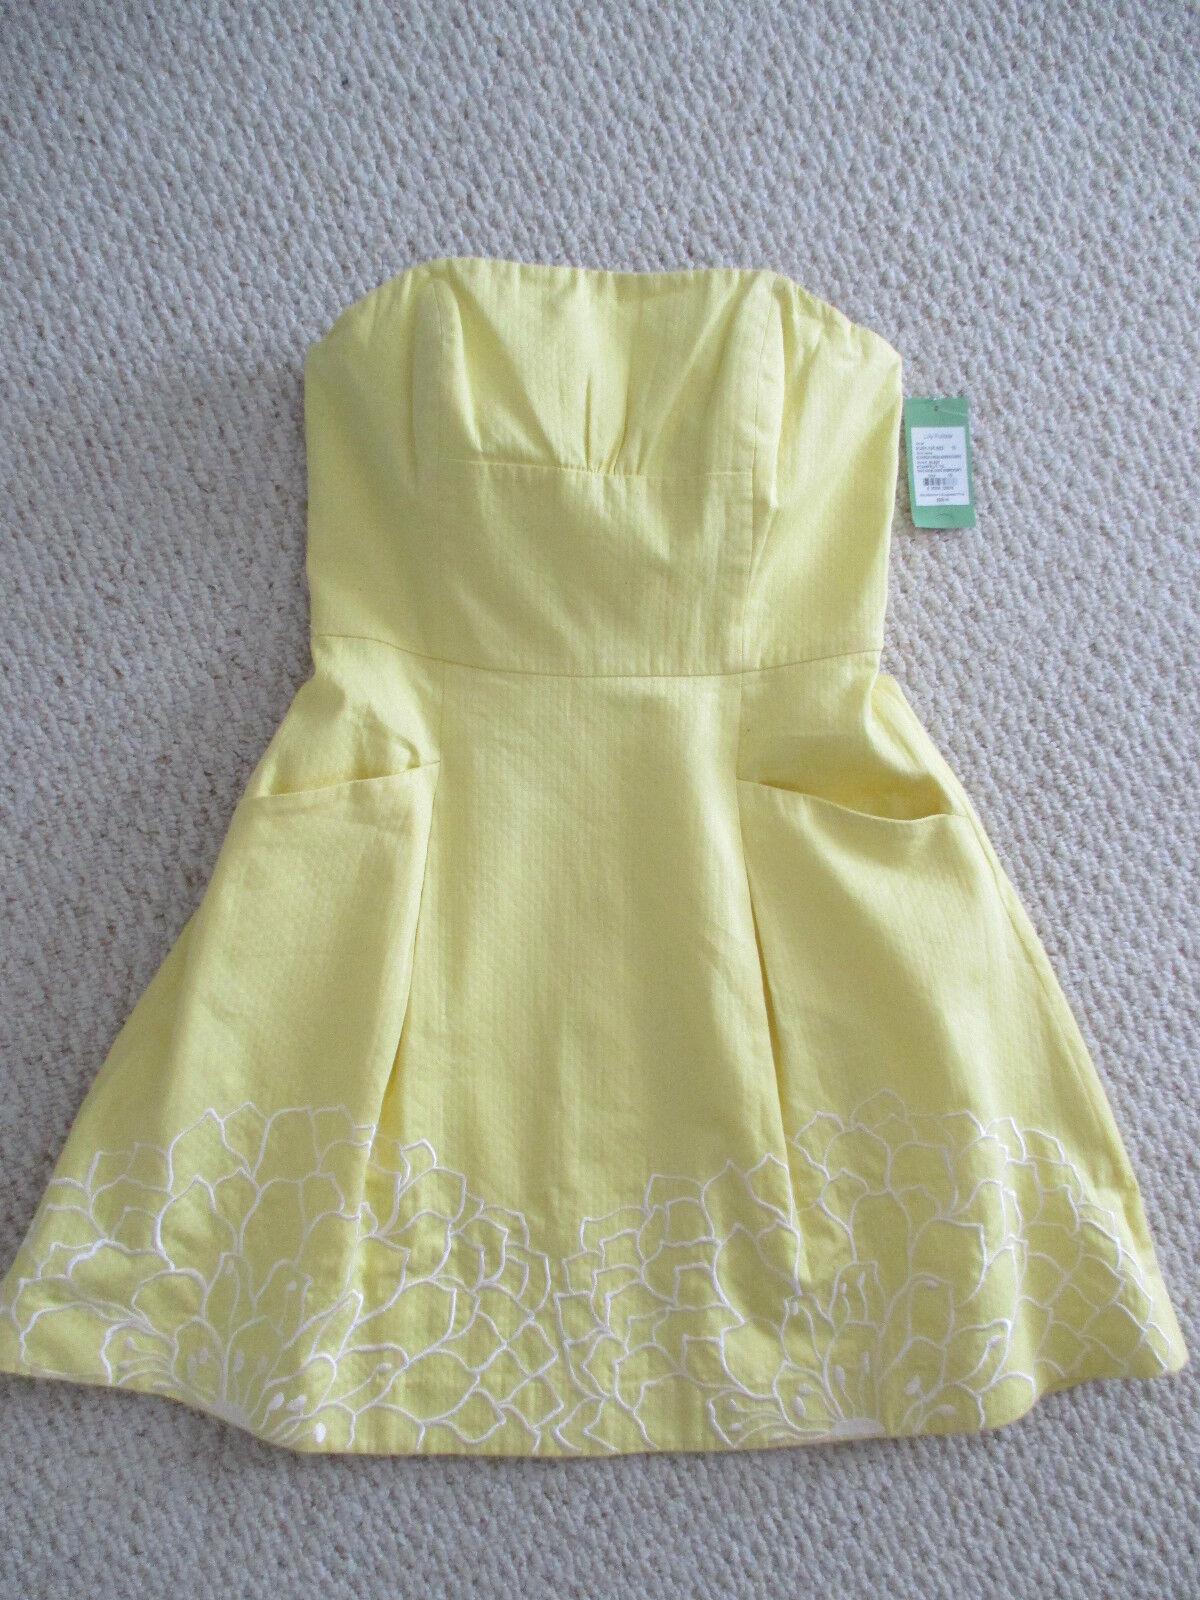 Lilly Pulitzer Starfruit Blossom Gelb Strapless Dress Größe 10 NWT 268.00